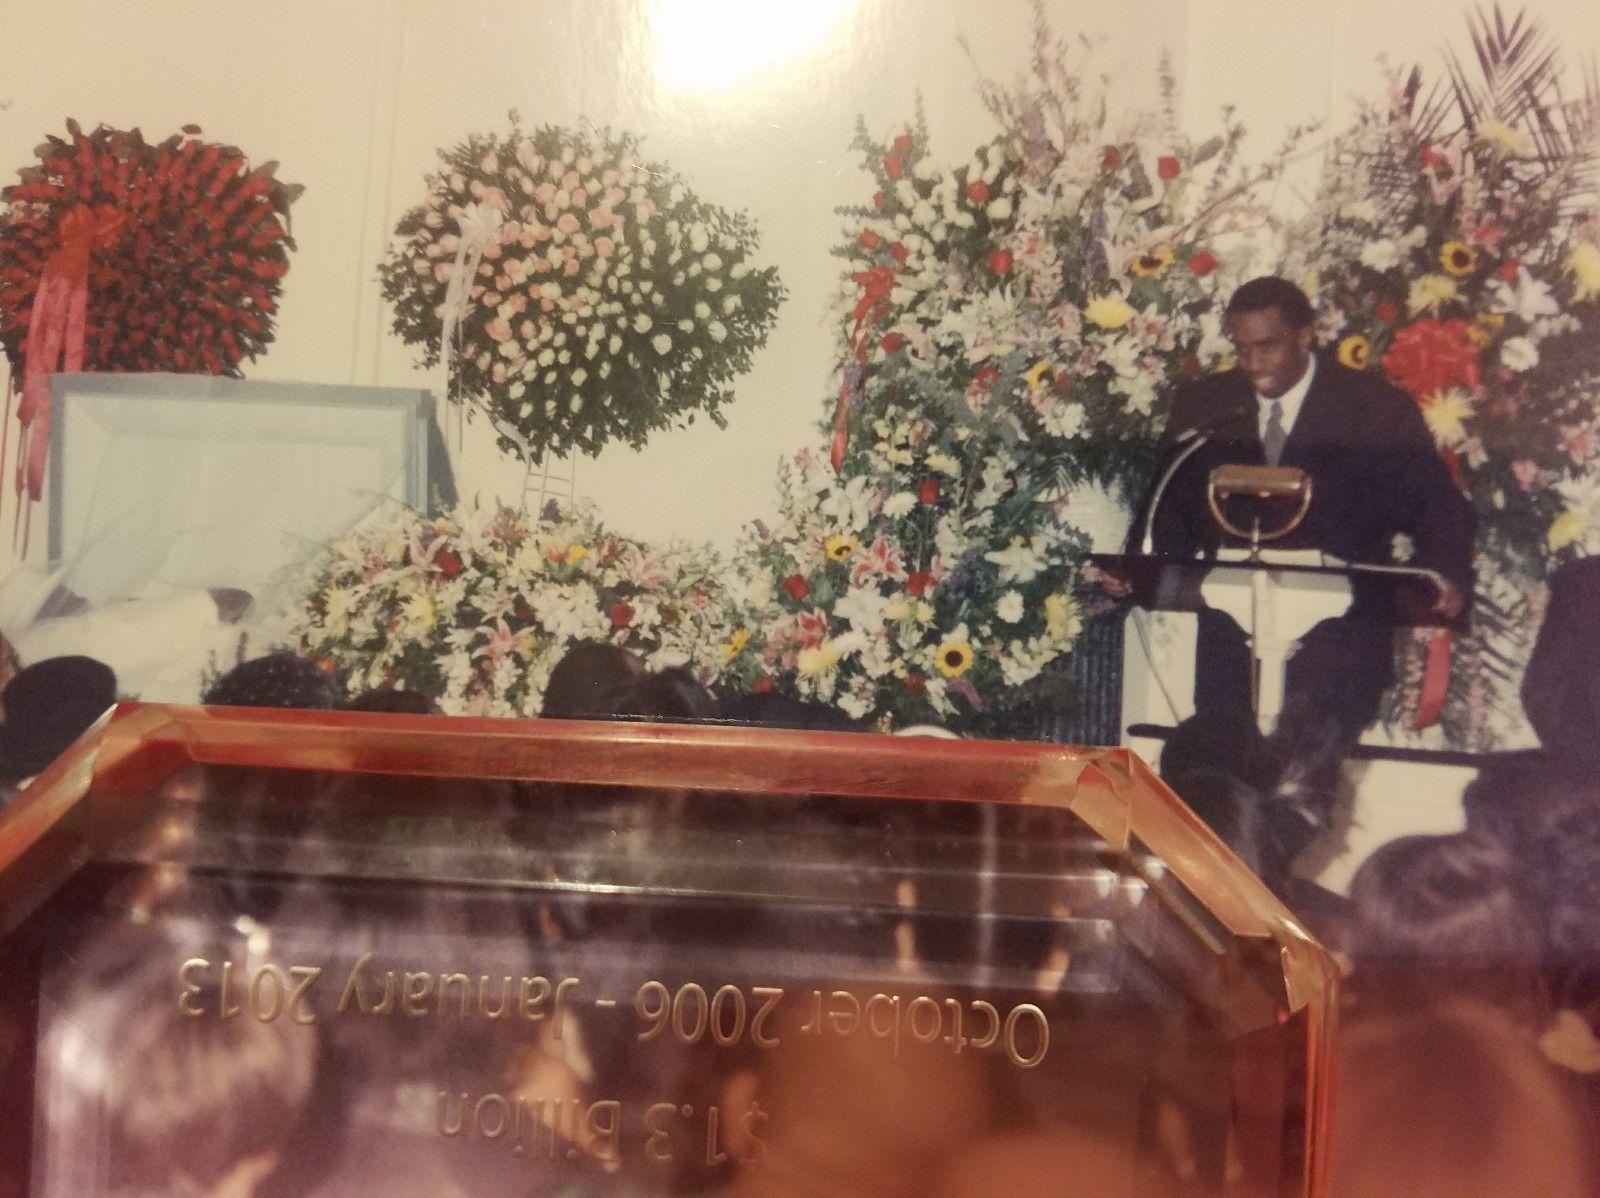 Puffy Combs discursa no velório de Notorious B.I.G. À esquerda na foto é possível ver a tampa do caixão aberta. Notorious foi enterrado vestido de branco e em um caixão branco. Foto: The Coli Forum.